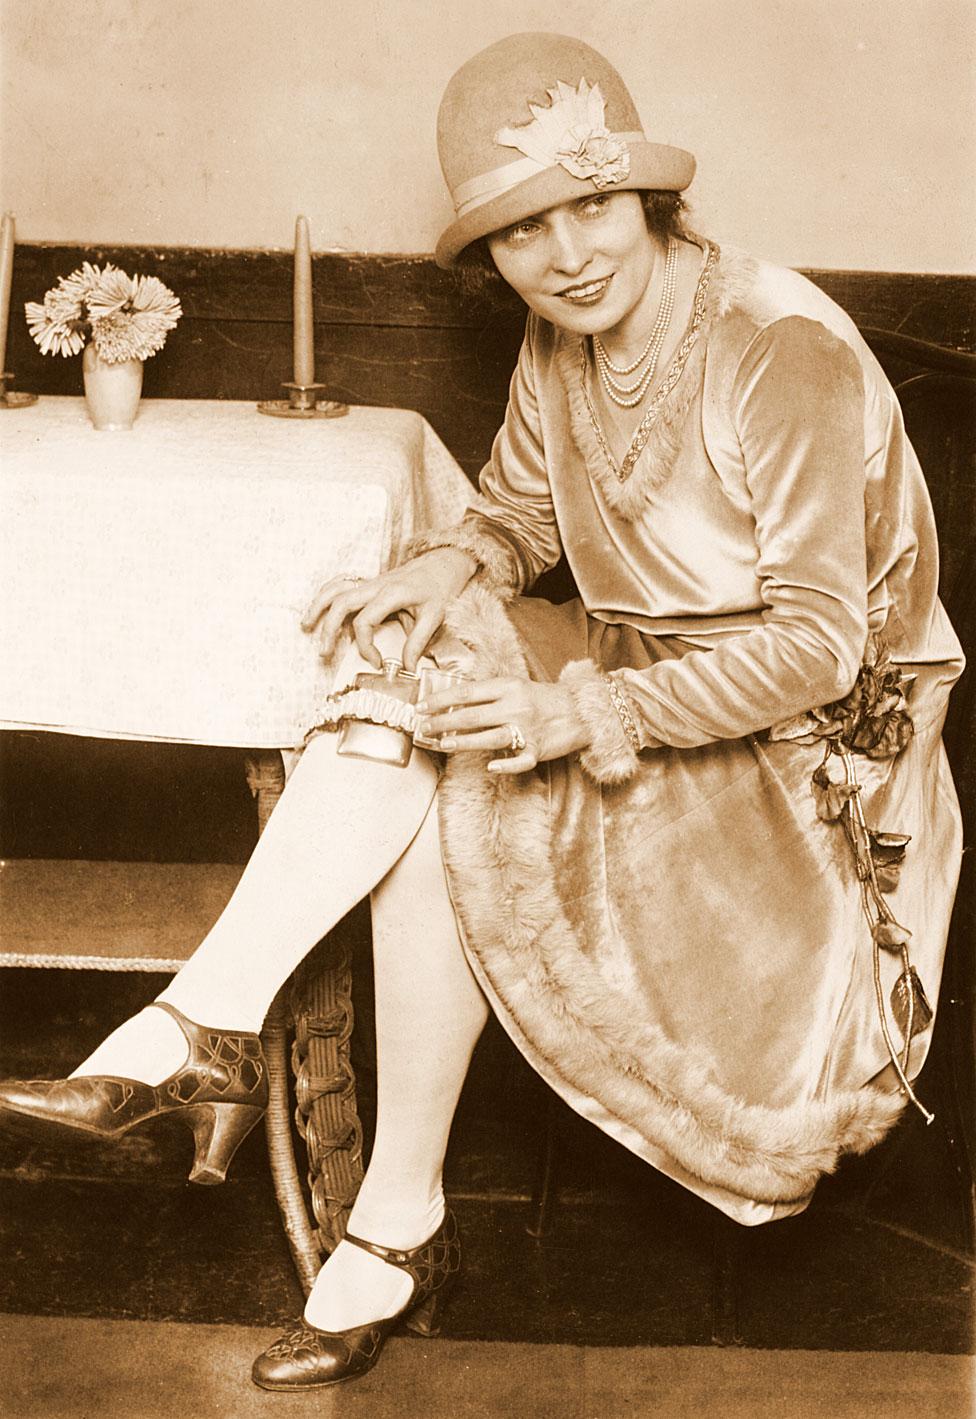 chica de Washington DC que en 1926 sonríe mostrando dónde escondía su whisky.